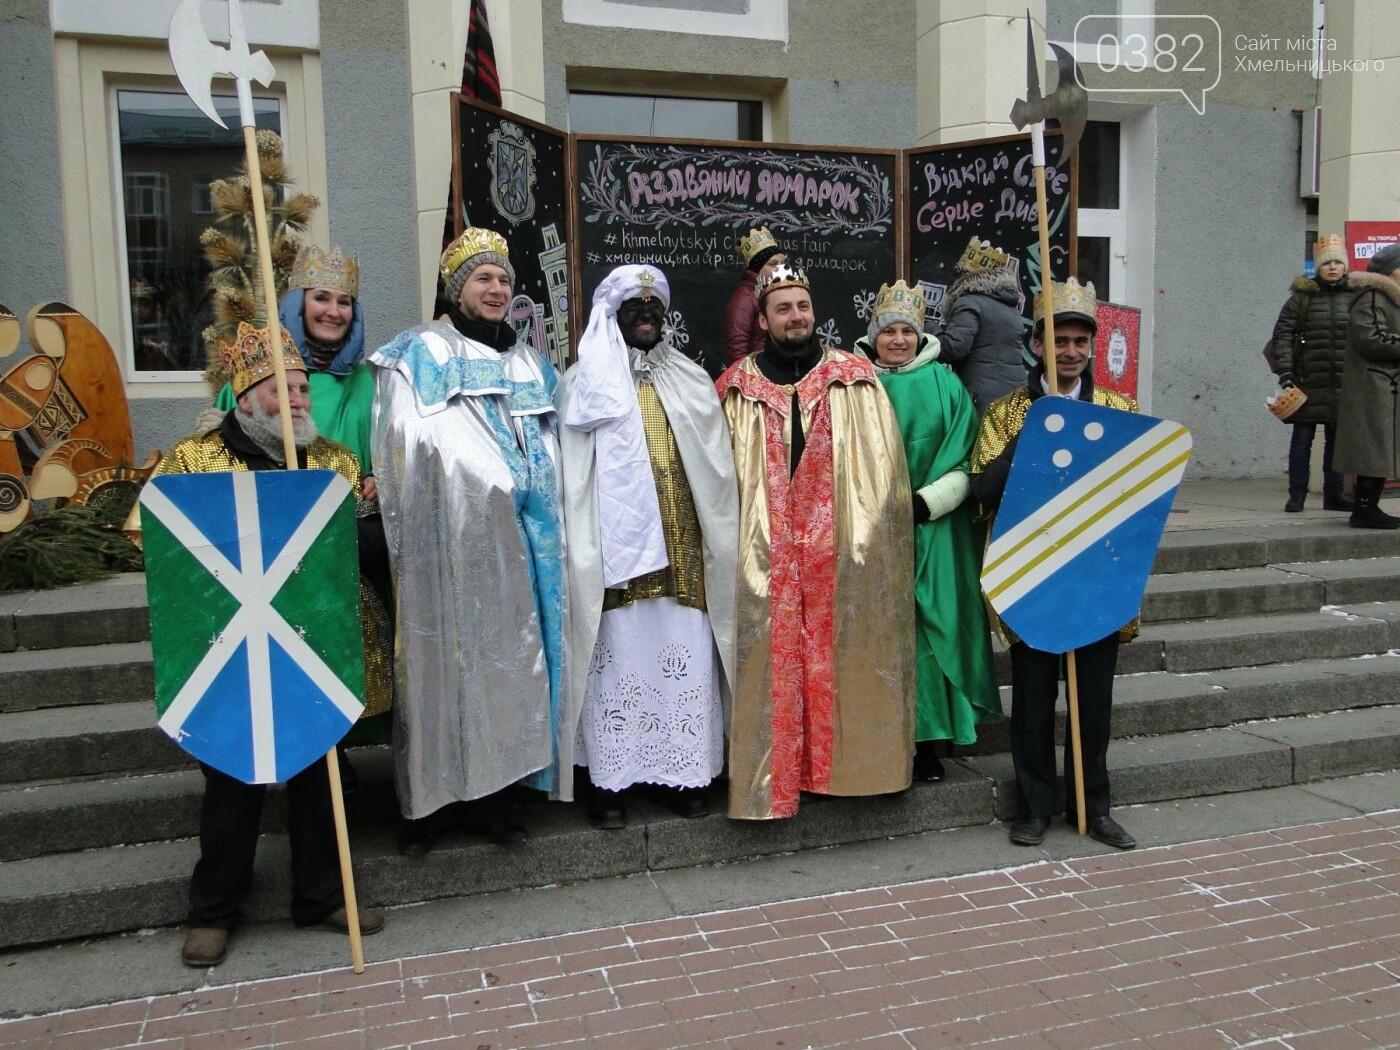 Хмельницьким пройшла святкова хода «Трьох Царів». ФОТО, фото-4